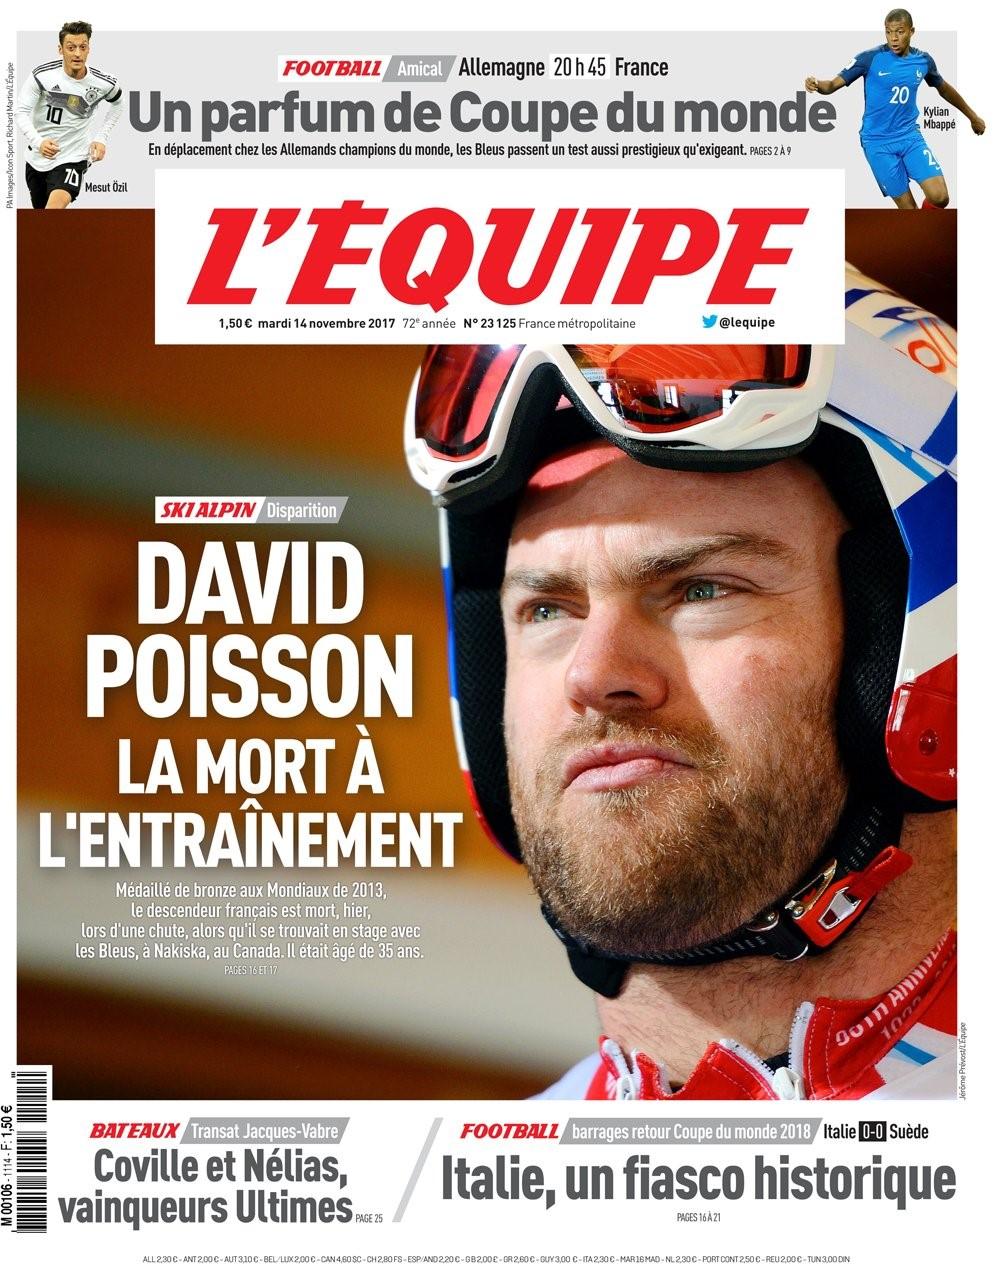 Hommage der L'Equipe an David Poisson nach Tod bei Trainingssturz